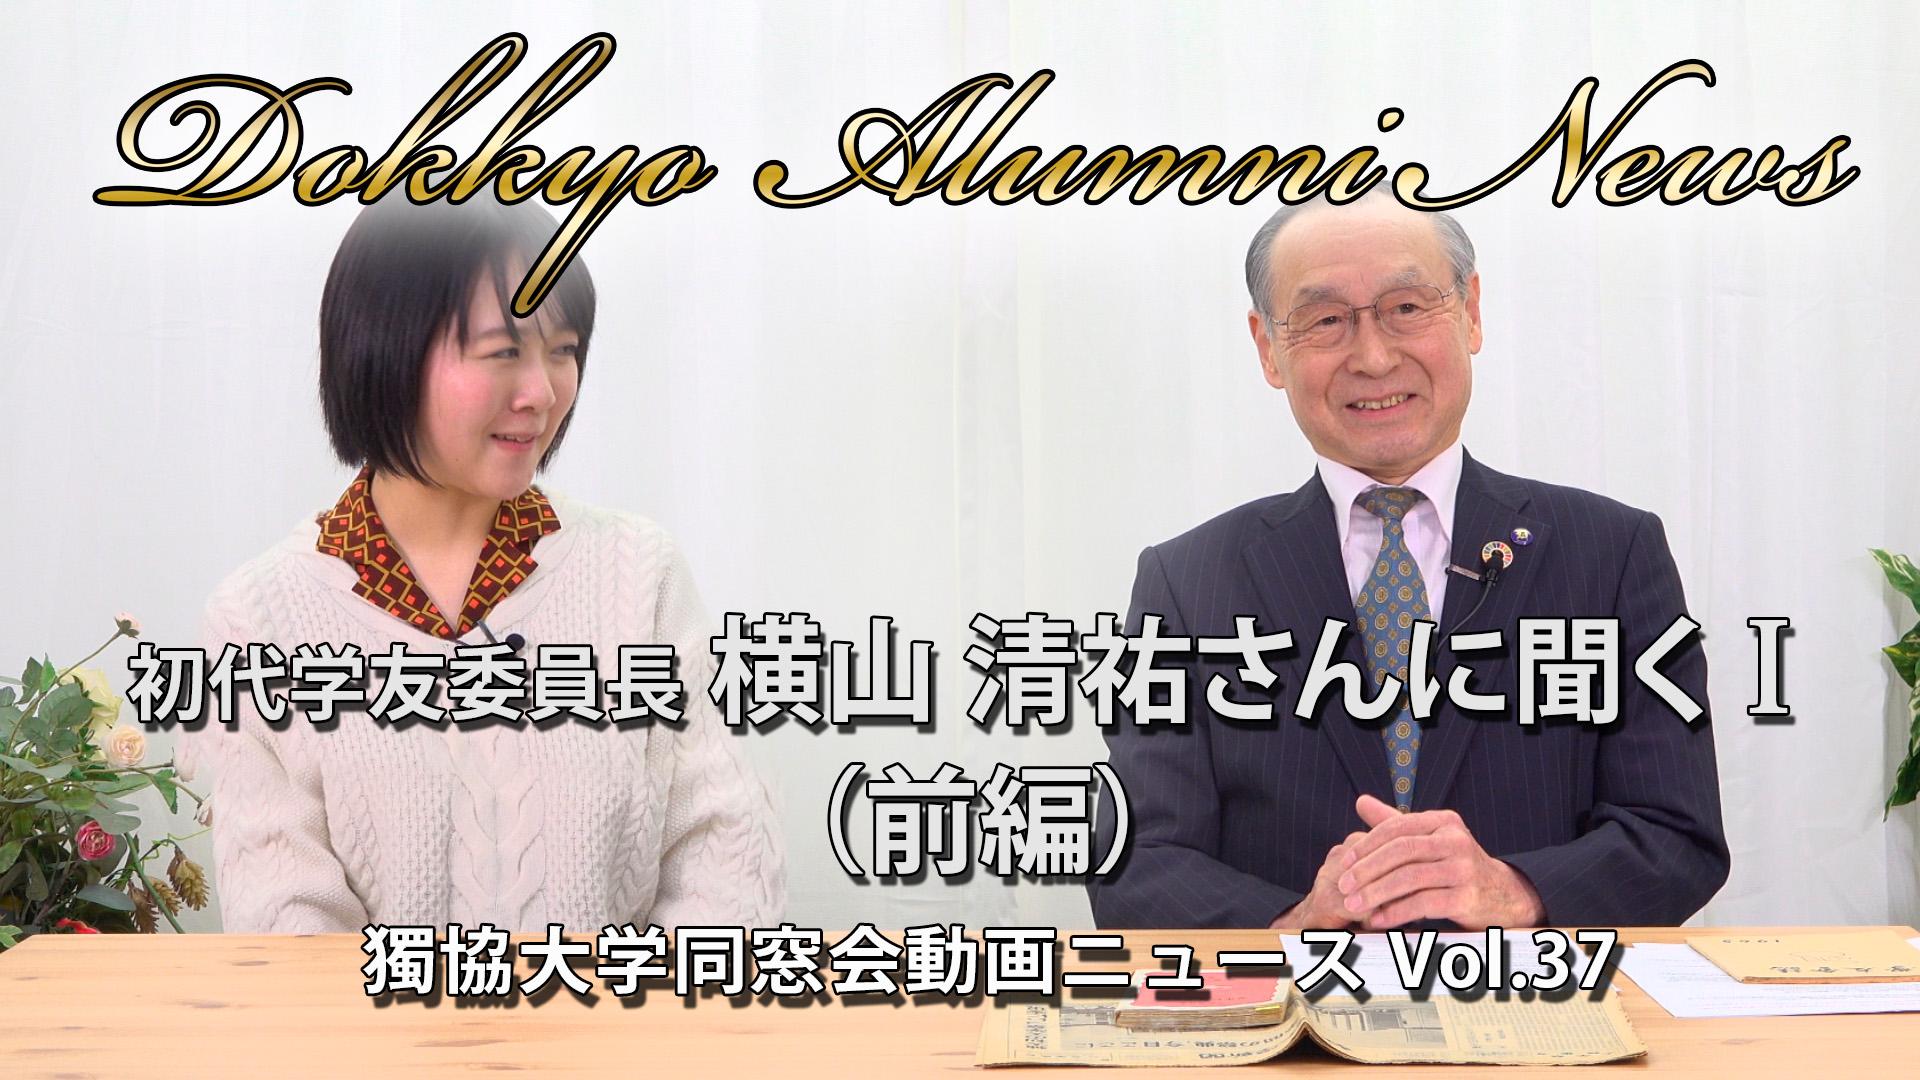 初代学友会委員長 横山清祐さんに聞く